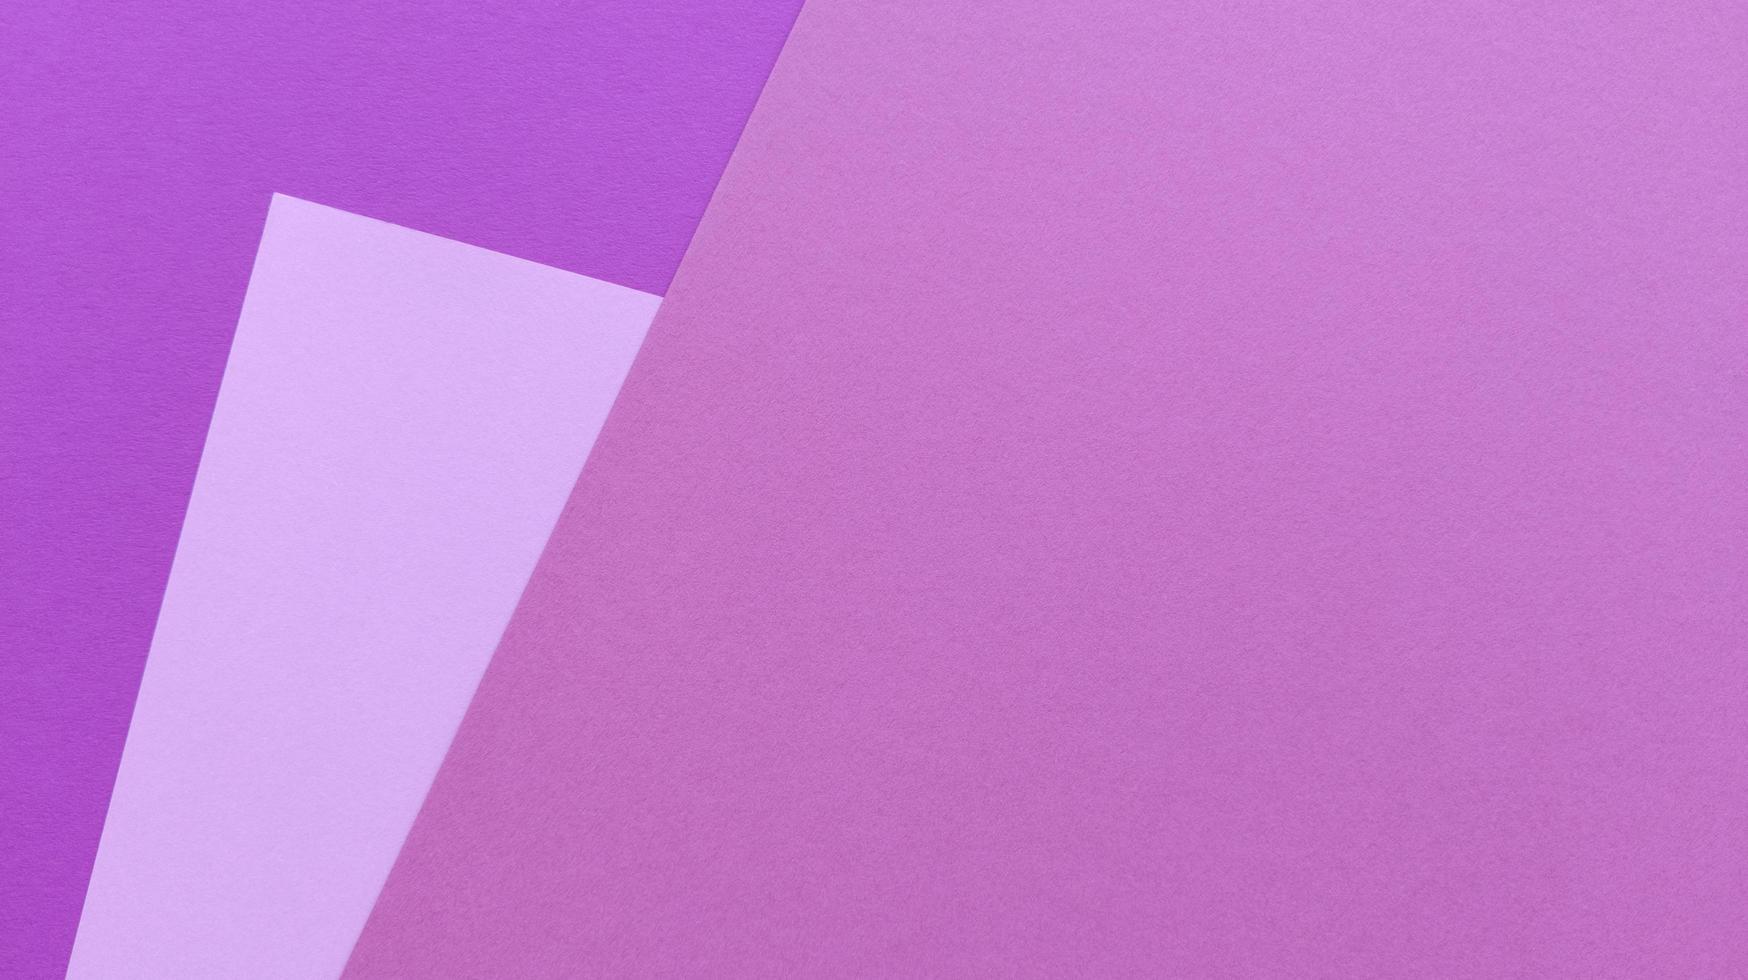 kleurrijke roze pastel textuur achtergrond foto